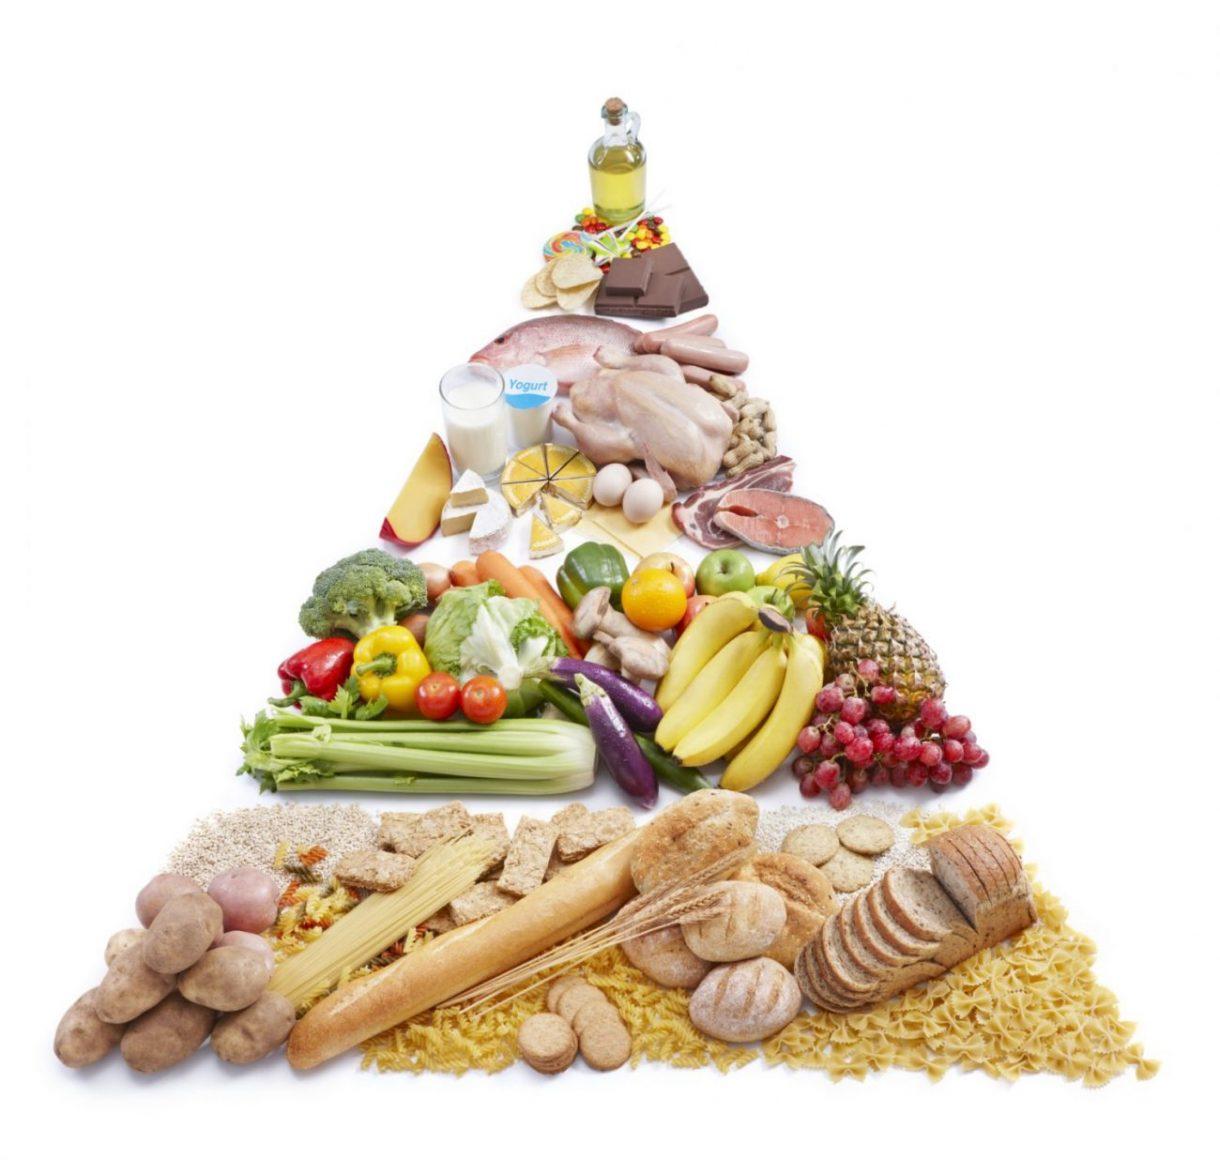 come fare una dieta mediterranea